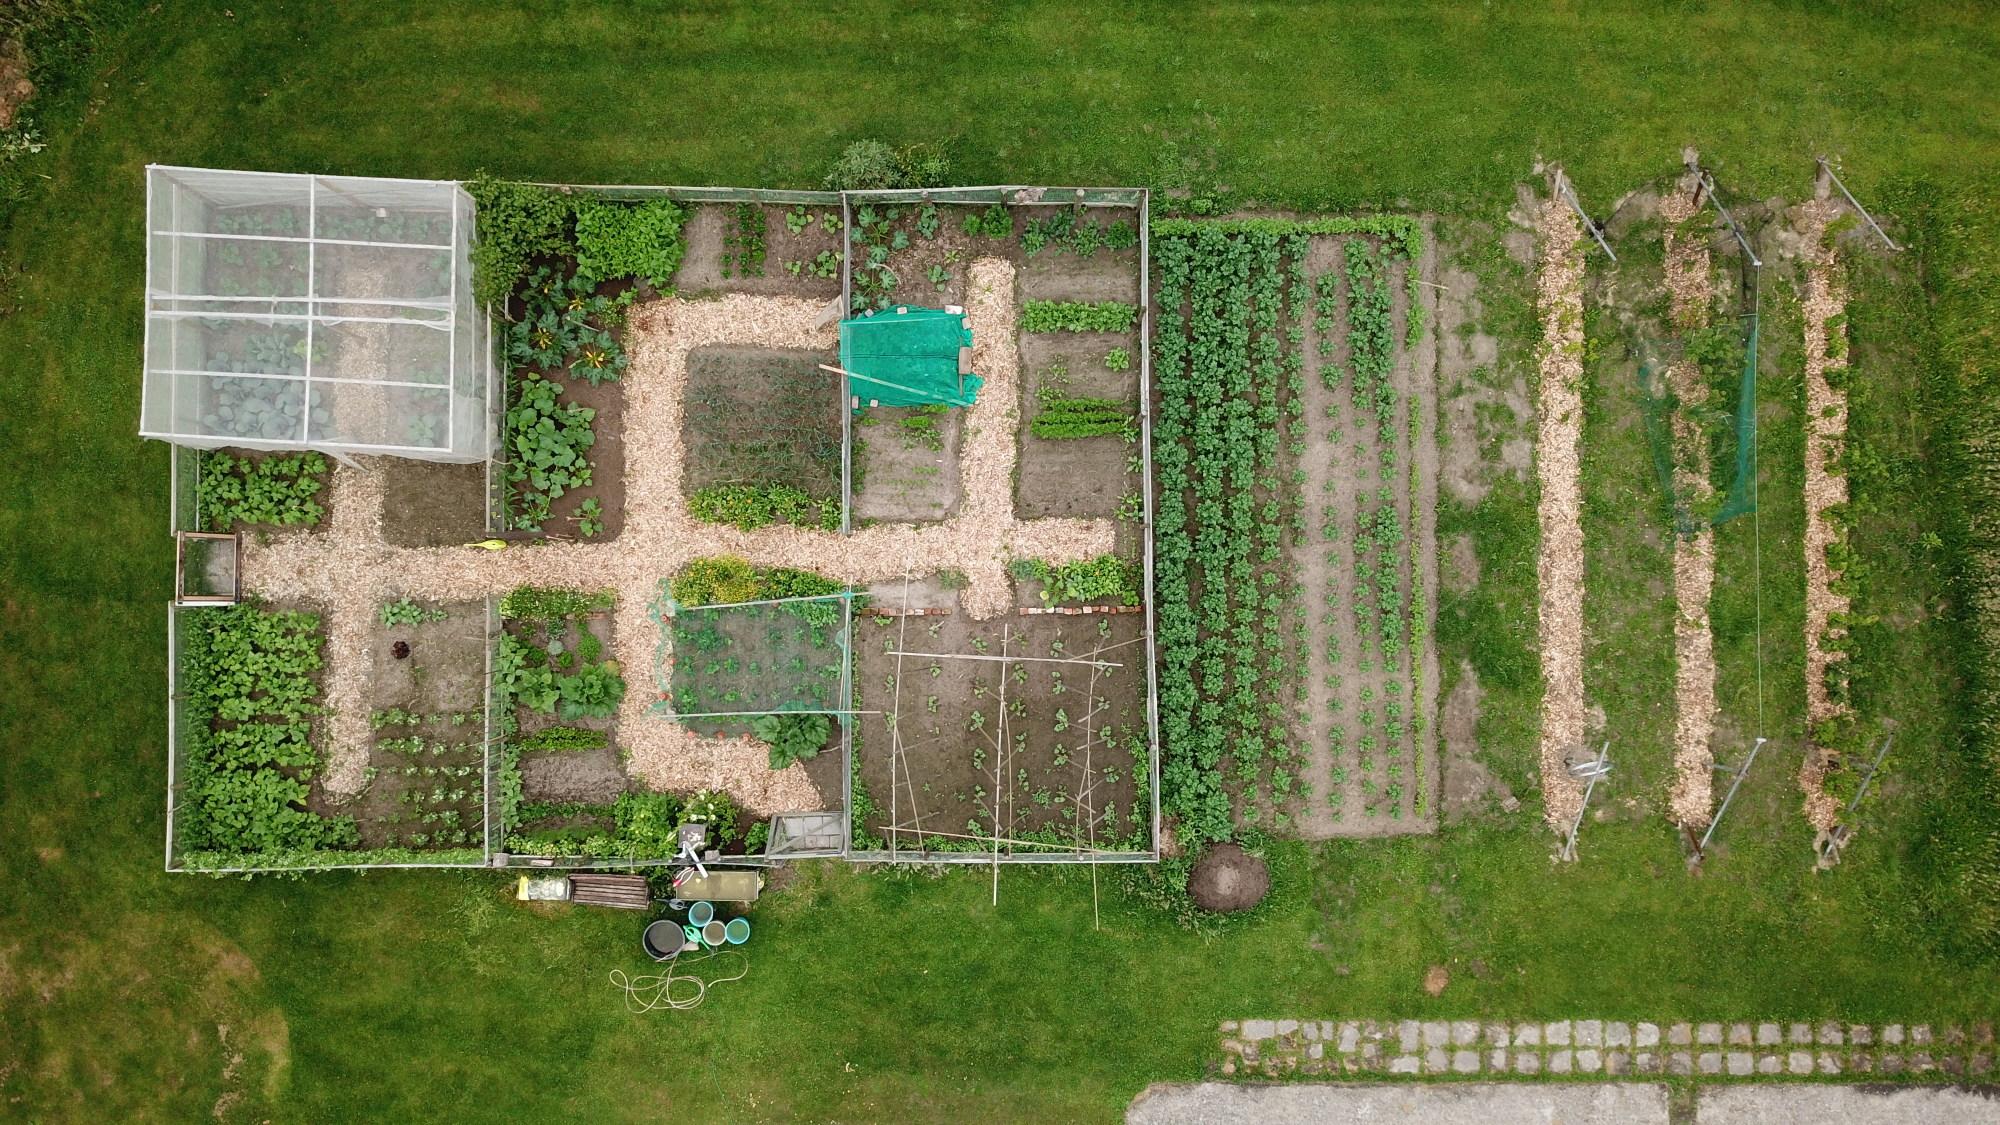 Moestuinverhaal: Drone boven de groentetuin!